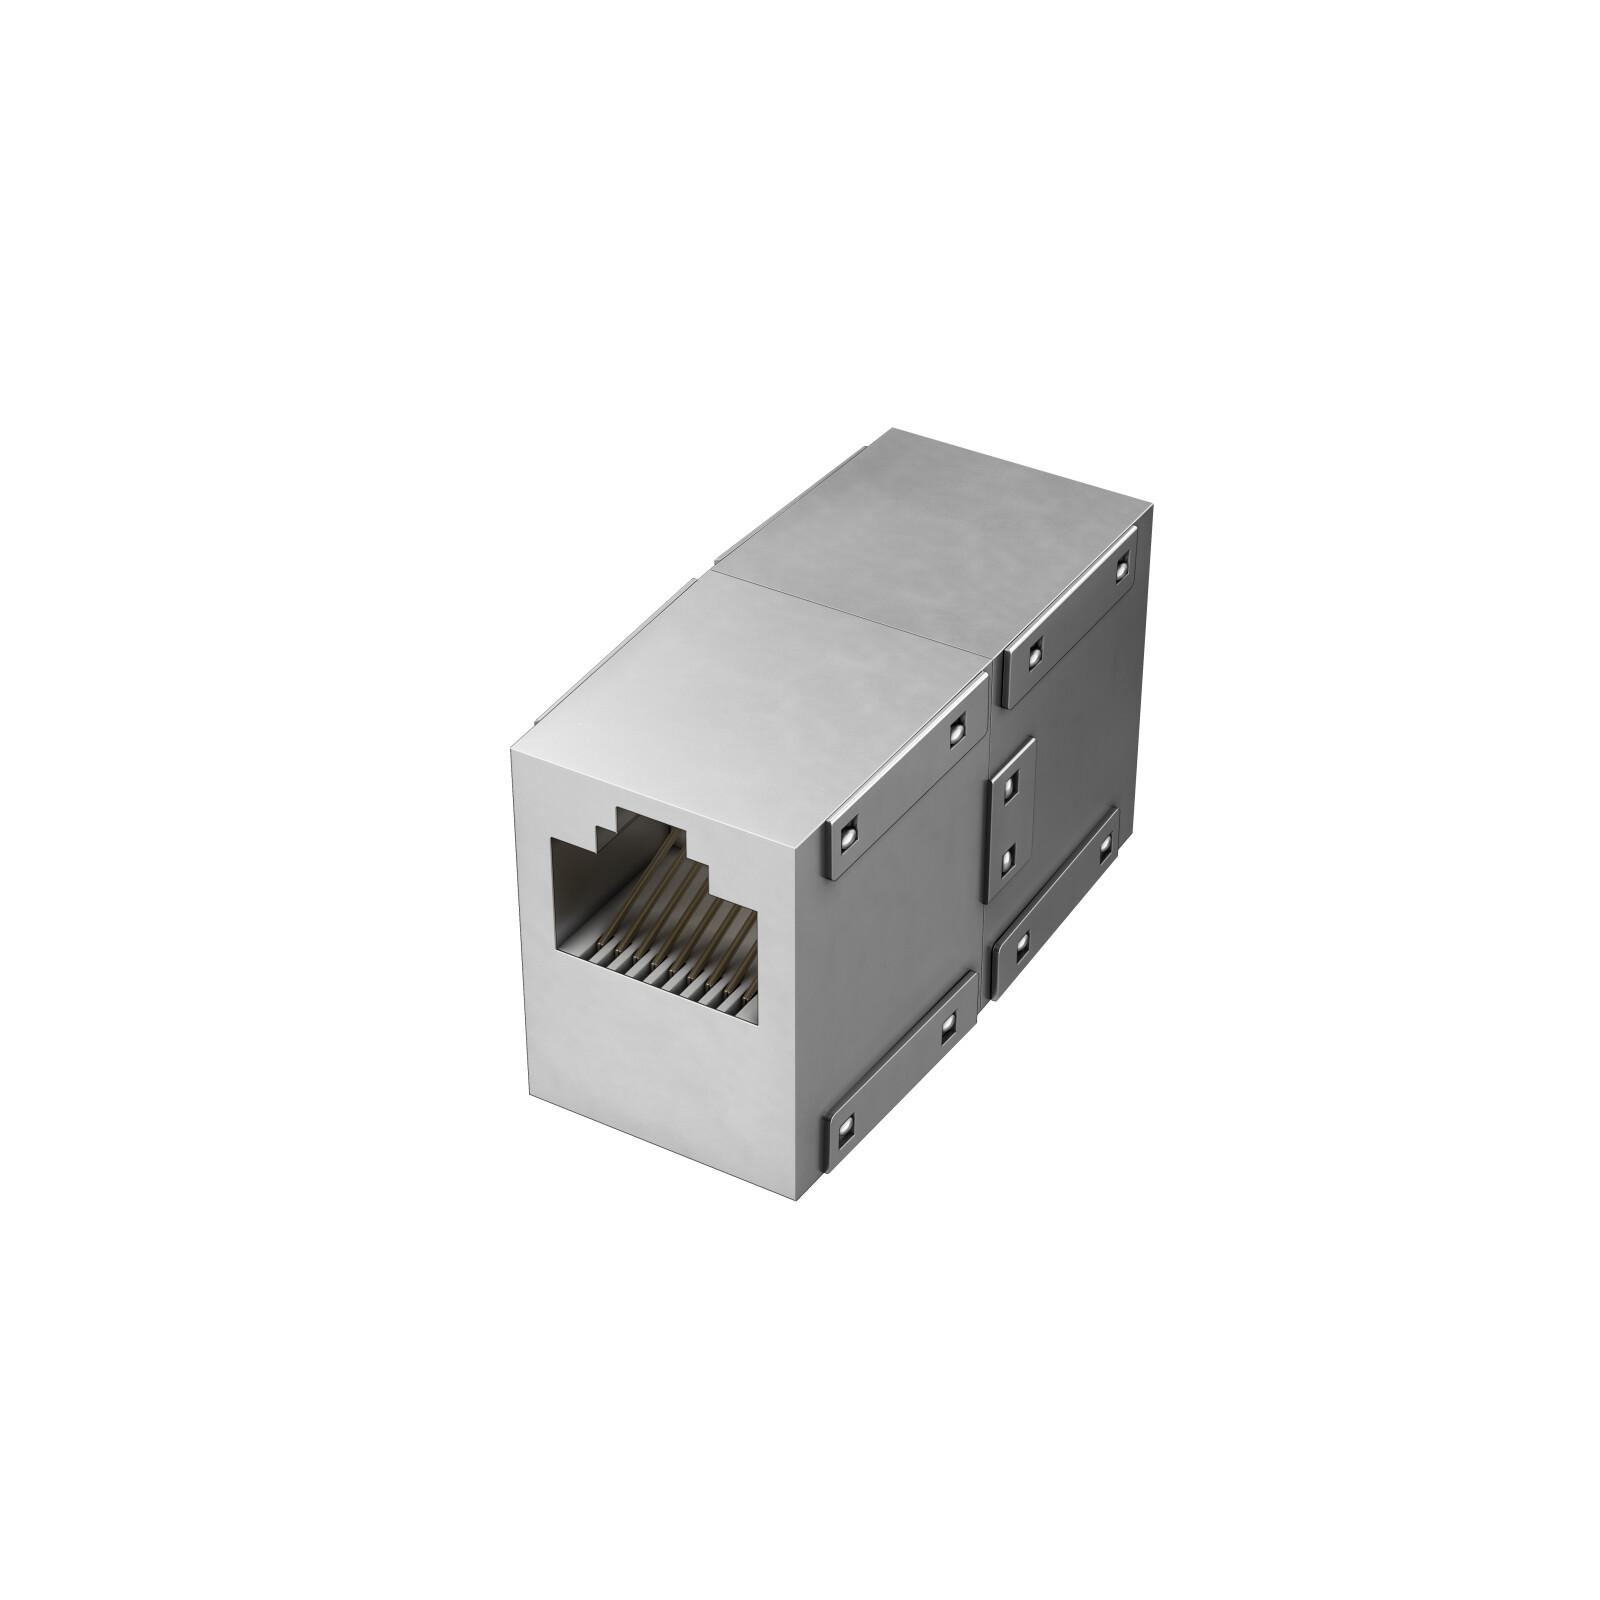 Hama 200327 Netzwerkadapter CAT-6, 1 Gbit/s